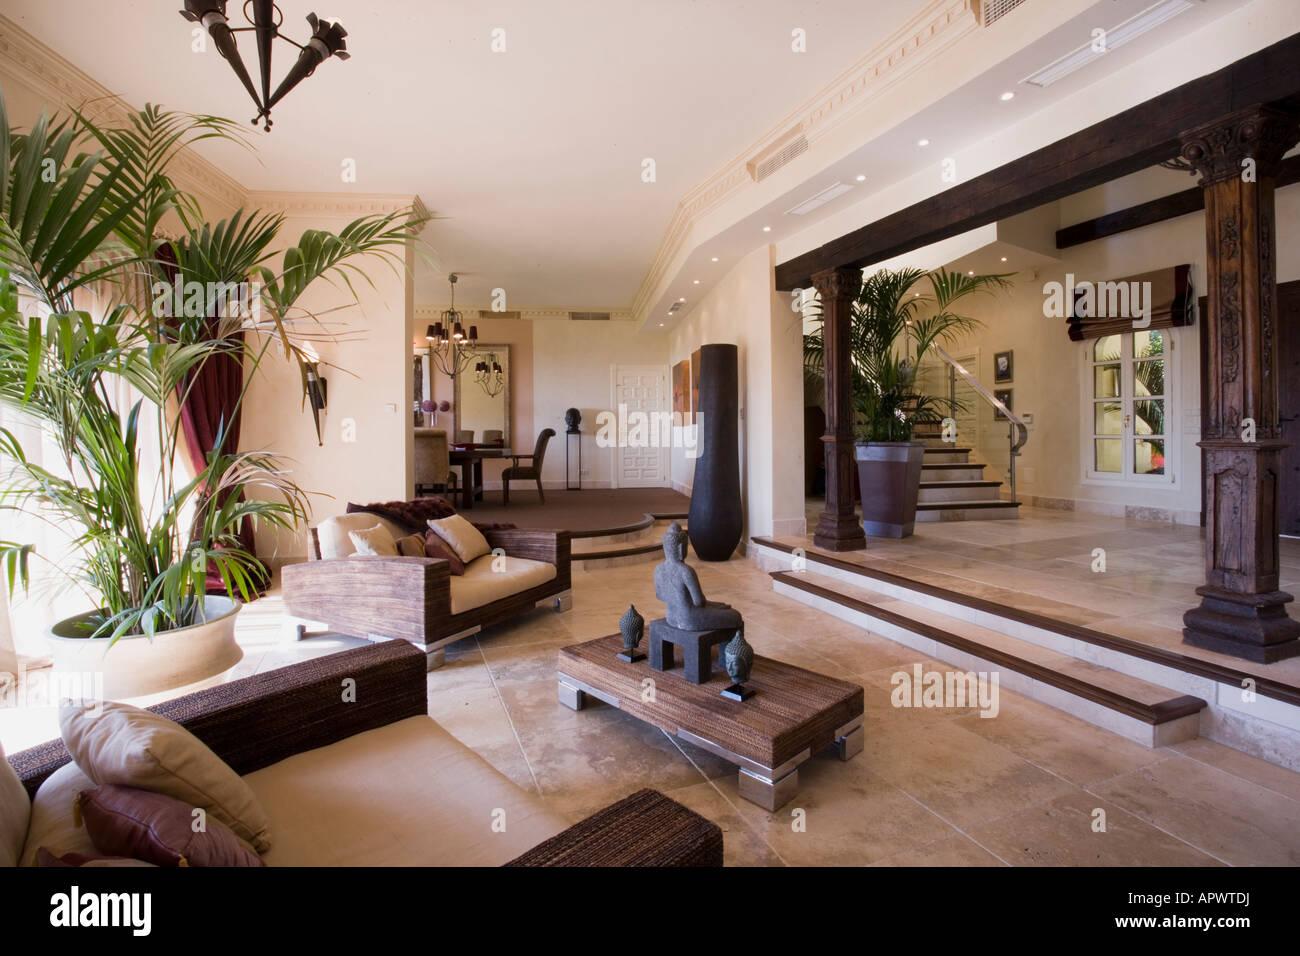 Moderne Spanische Villa Wohnzimmer In Der Abenddämmerung